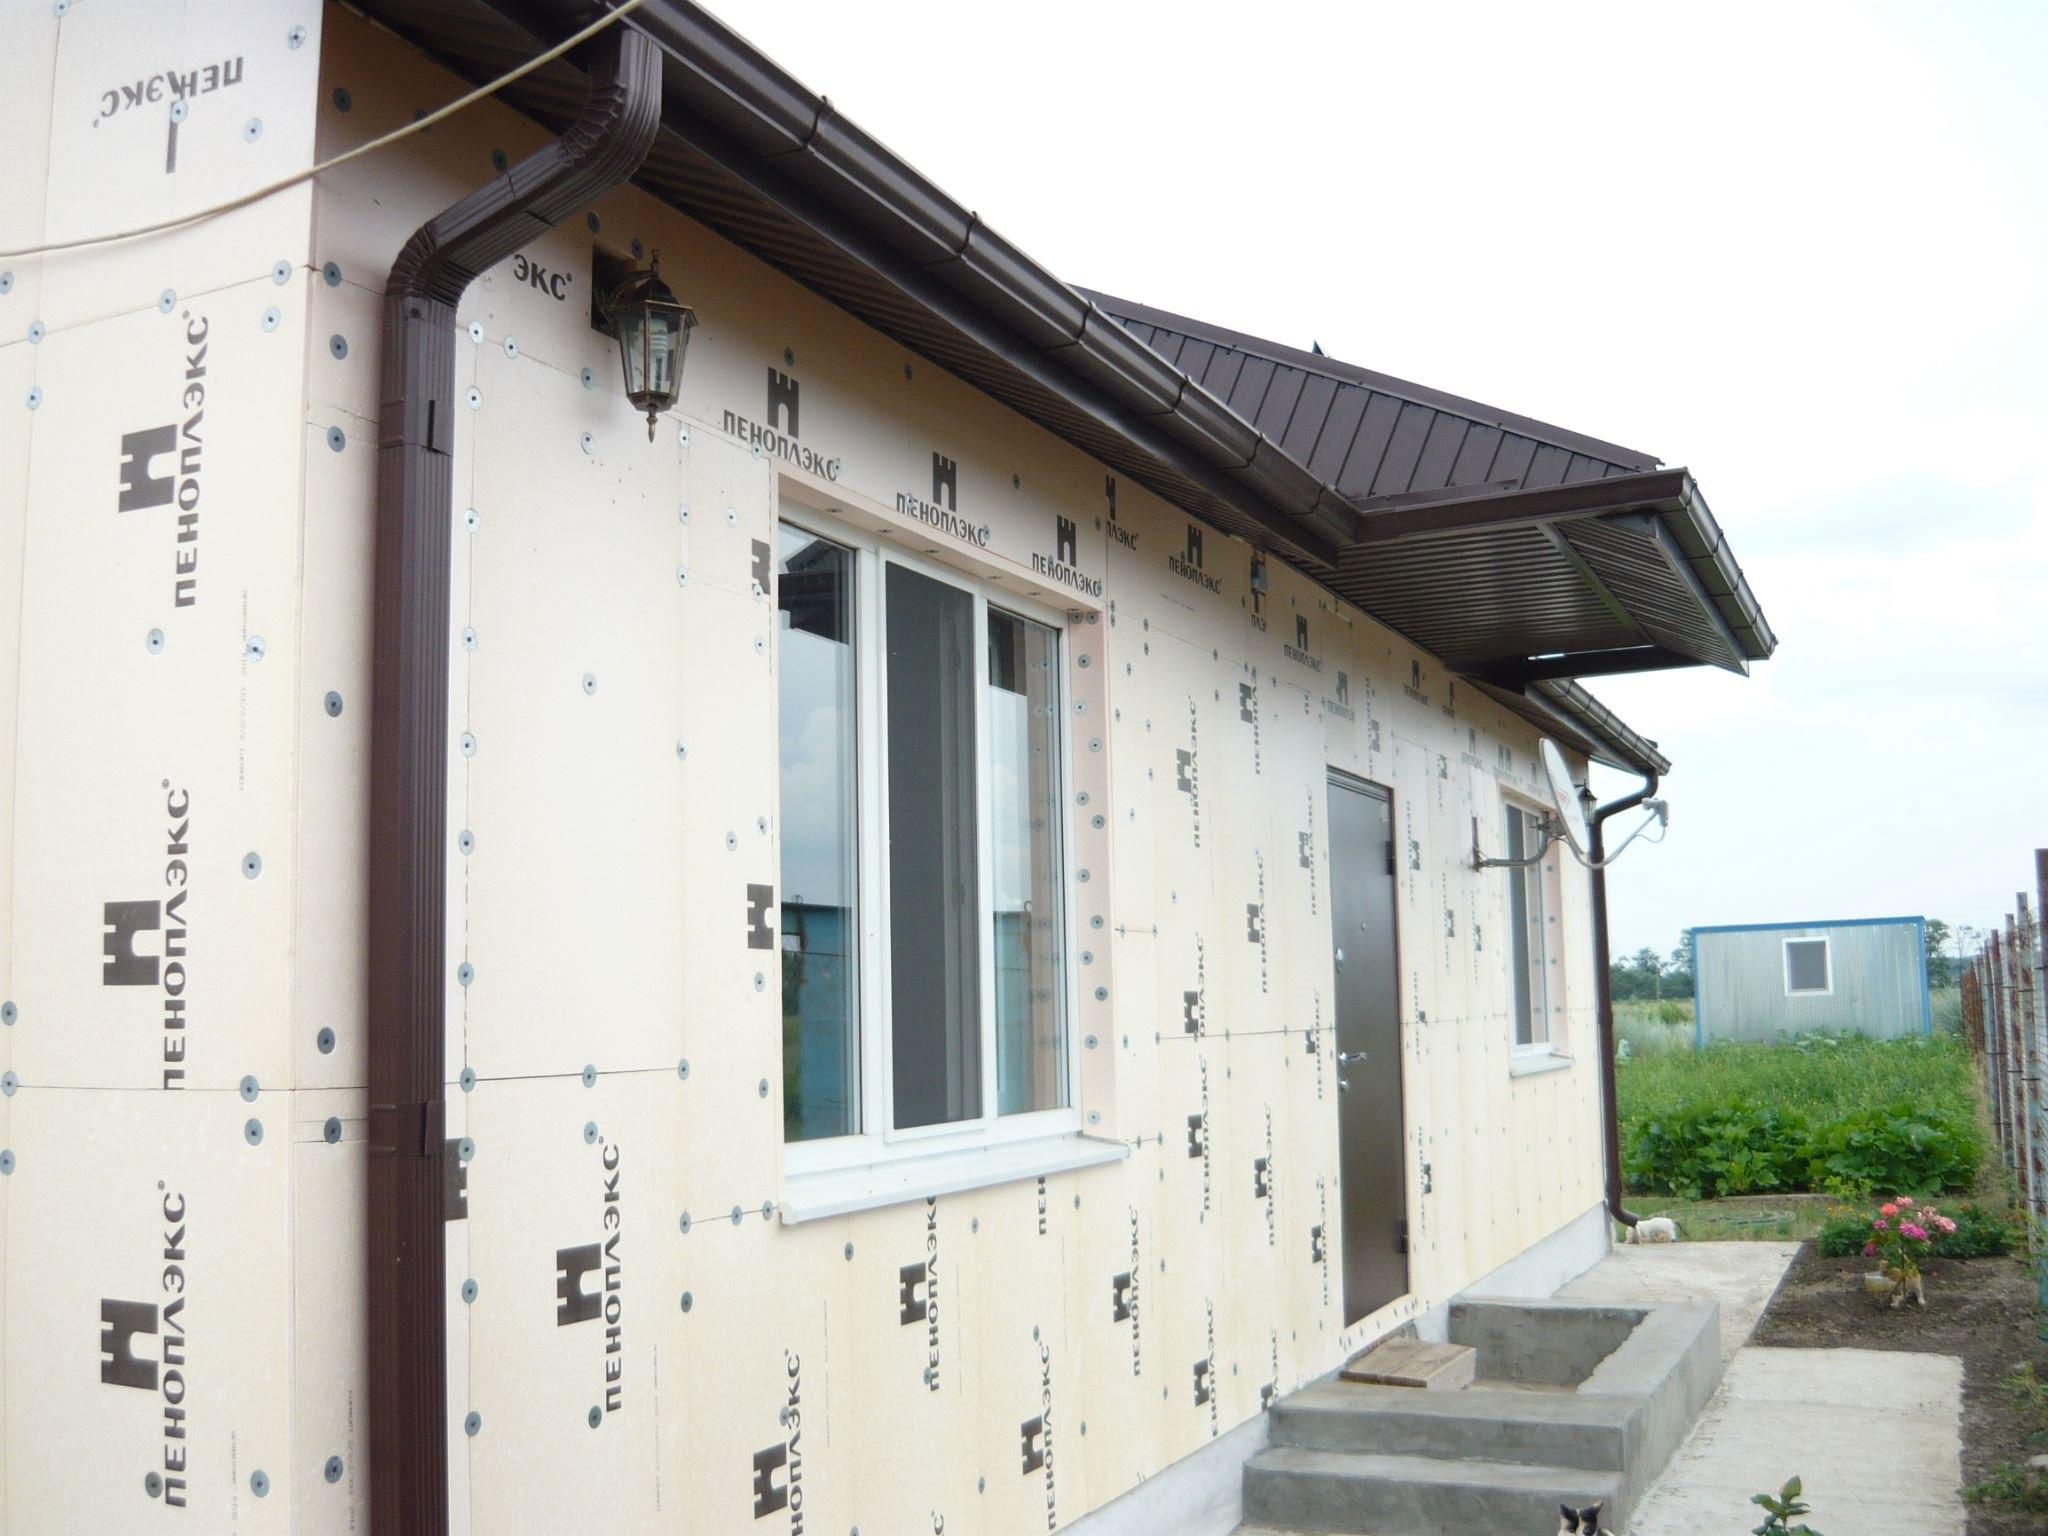 Продажа дома Ростовская область, Аксайский р-н, х. Ленина, ул. Ленина, 124, фото 1